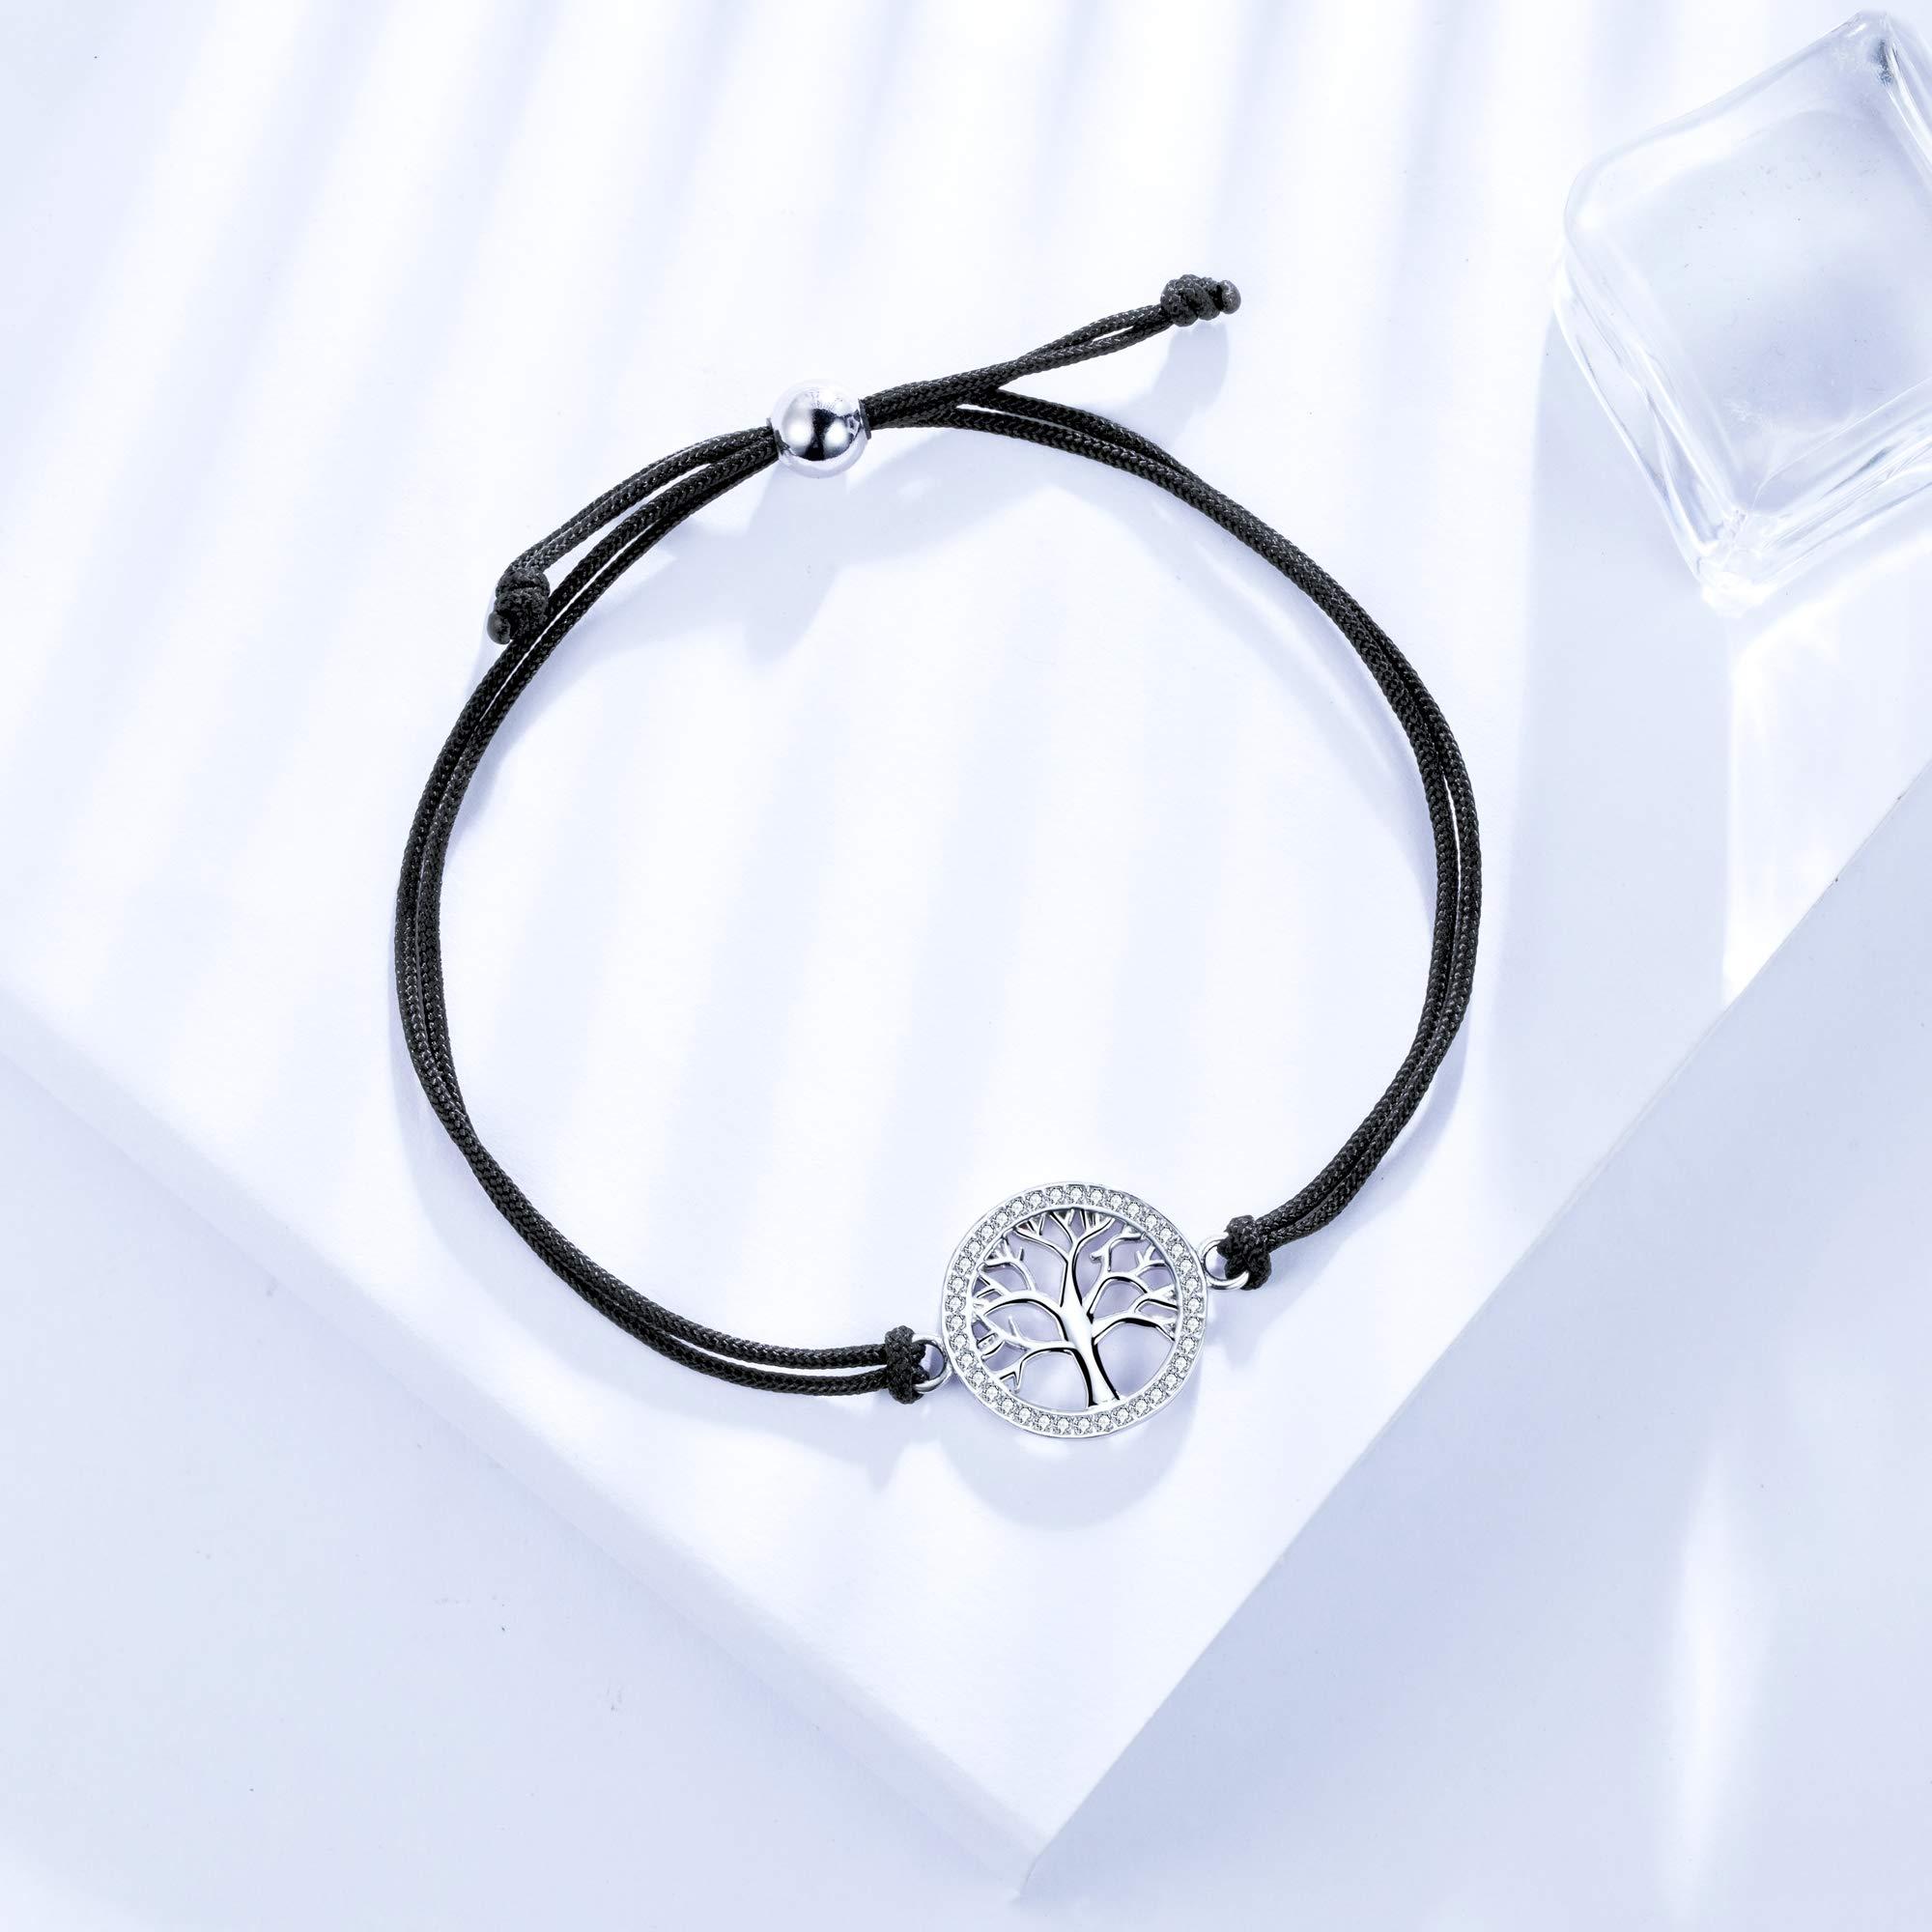 J.End/éar Arbre de Vie Bracelet Carte du Monde Femme 925 Argent Zircone Bracelets Femmes 24CM Taille R/églable